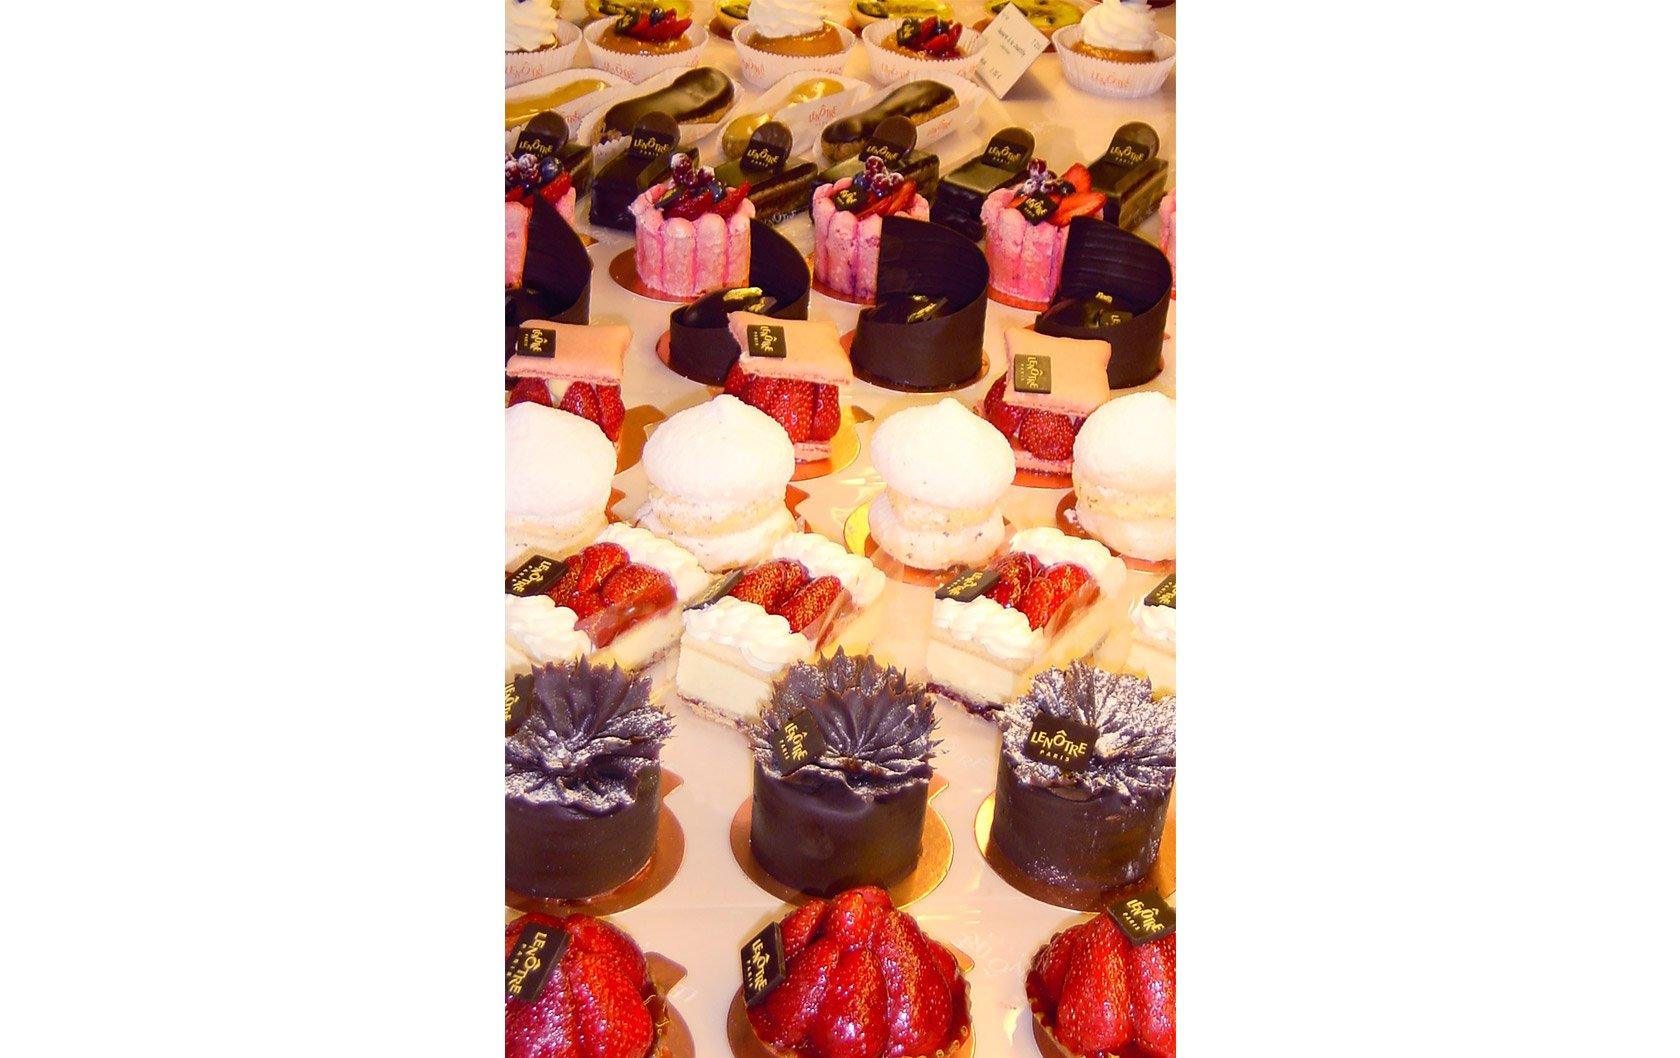 pastries-photo